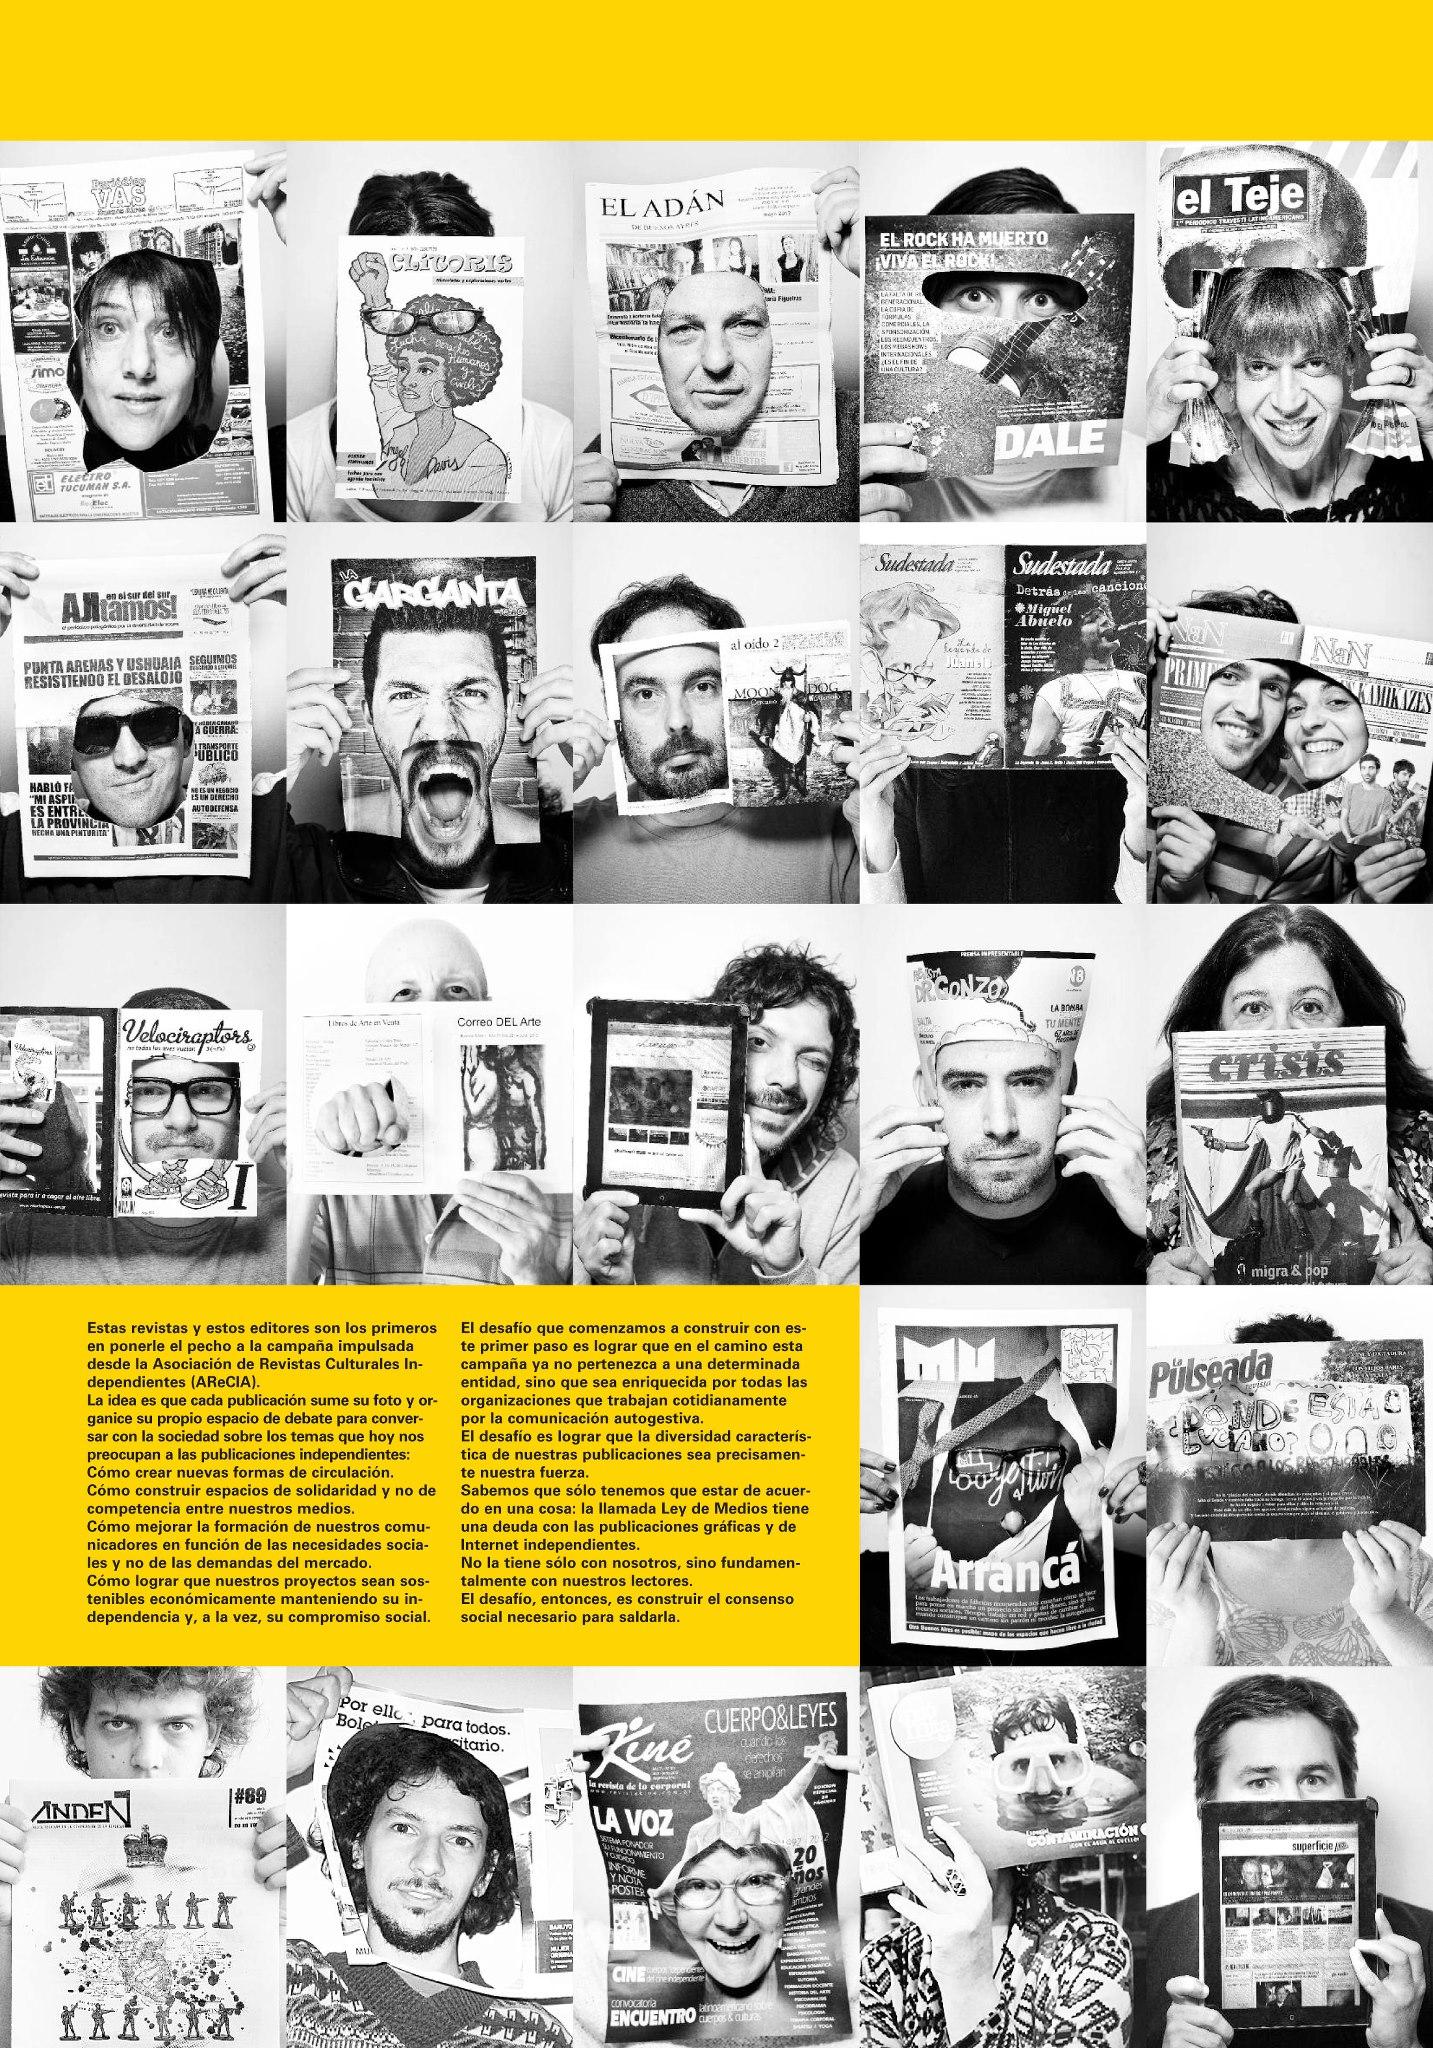 Por la democratización de los medios gráficos